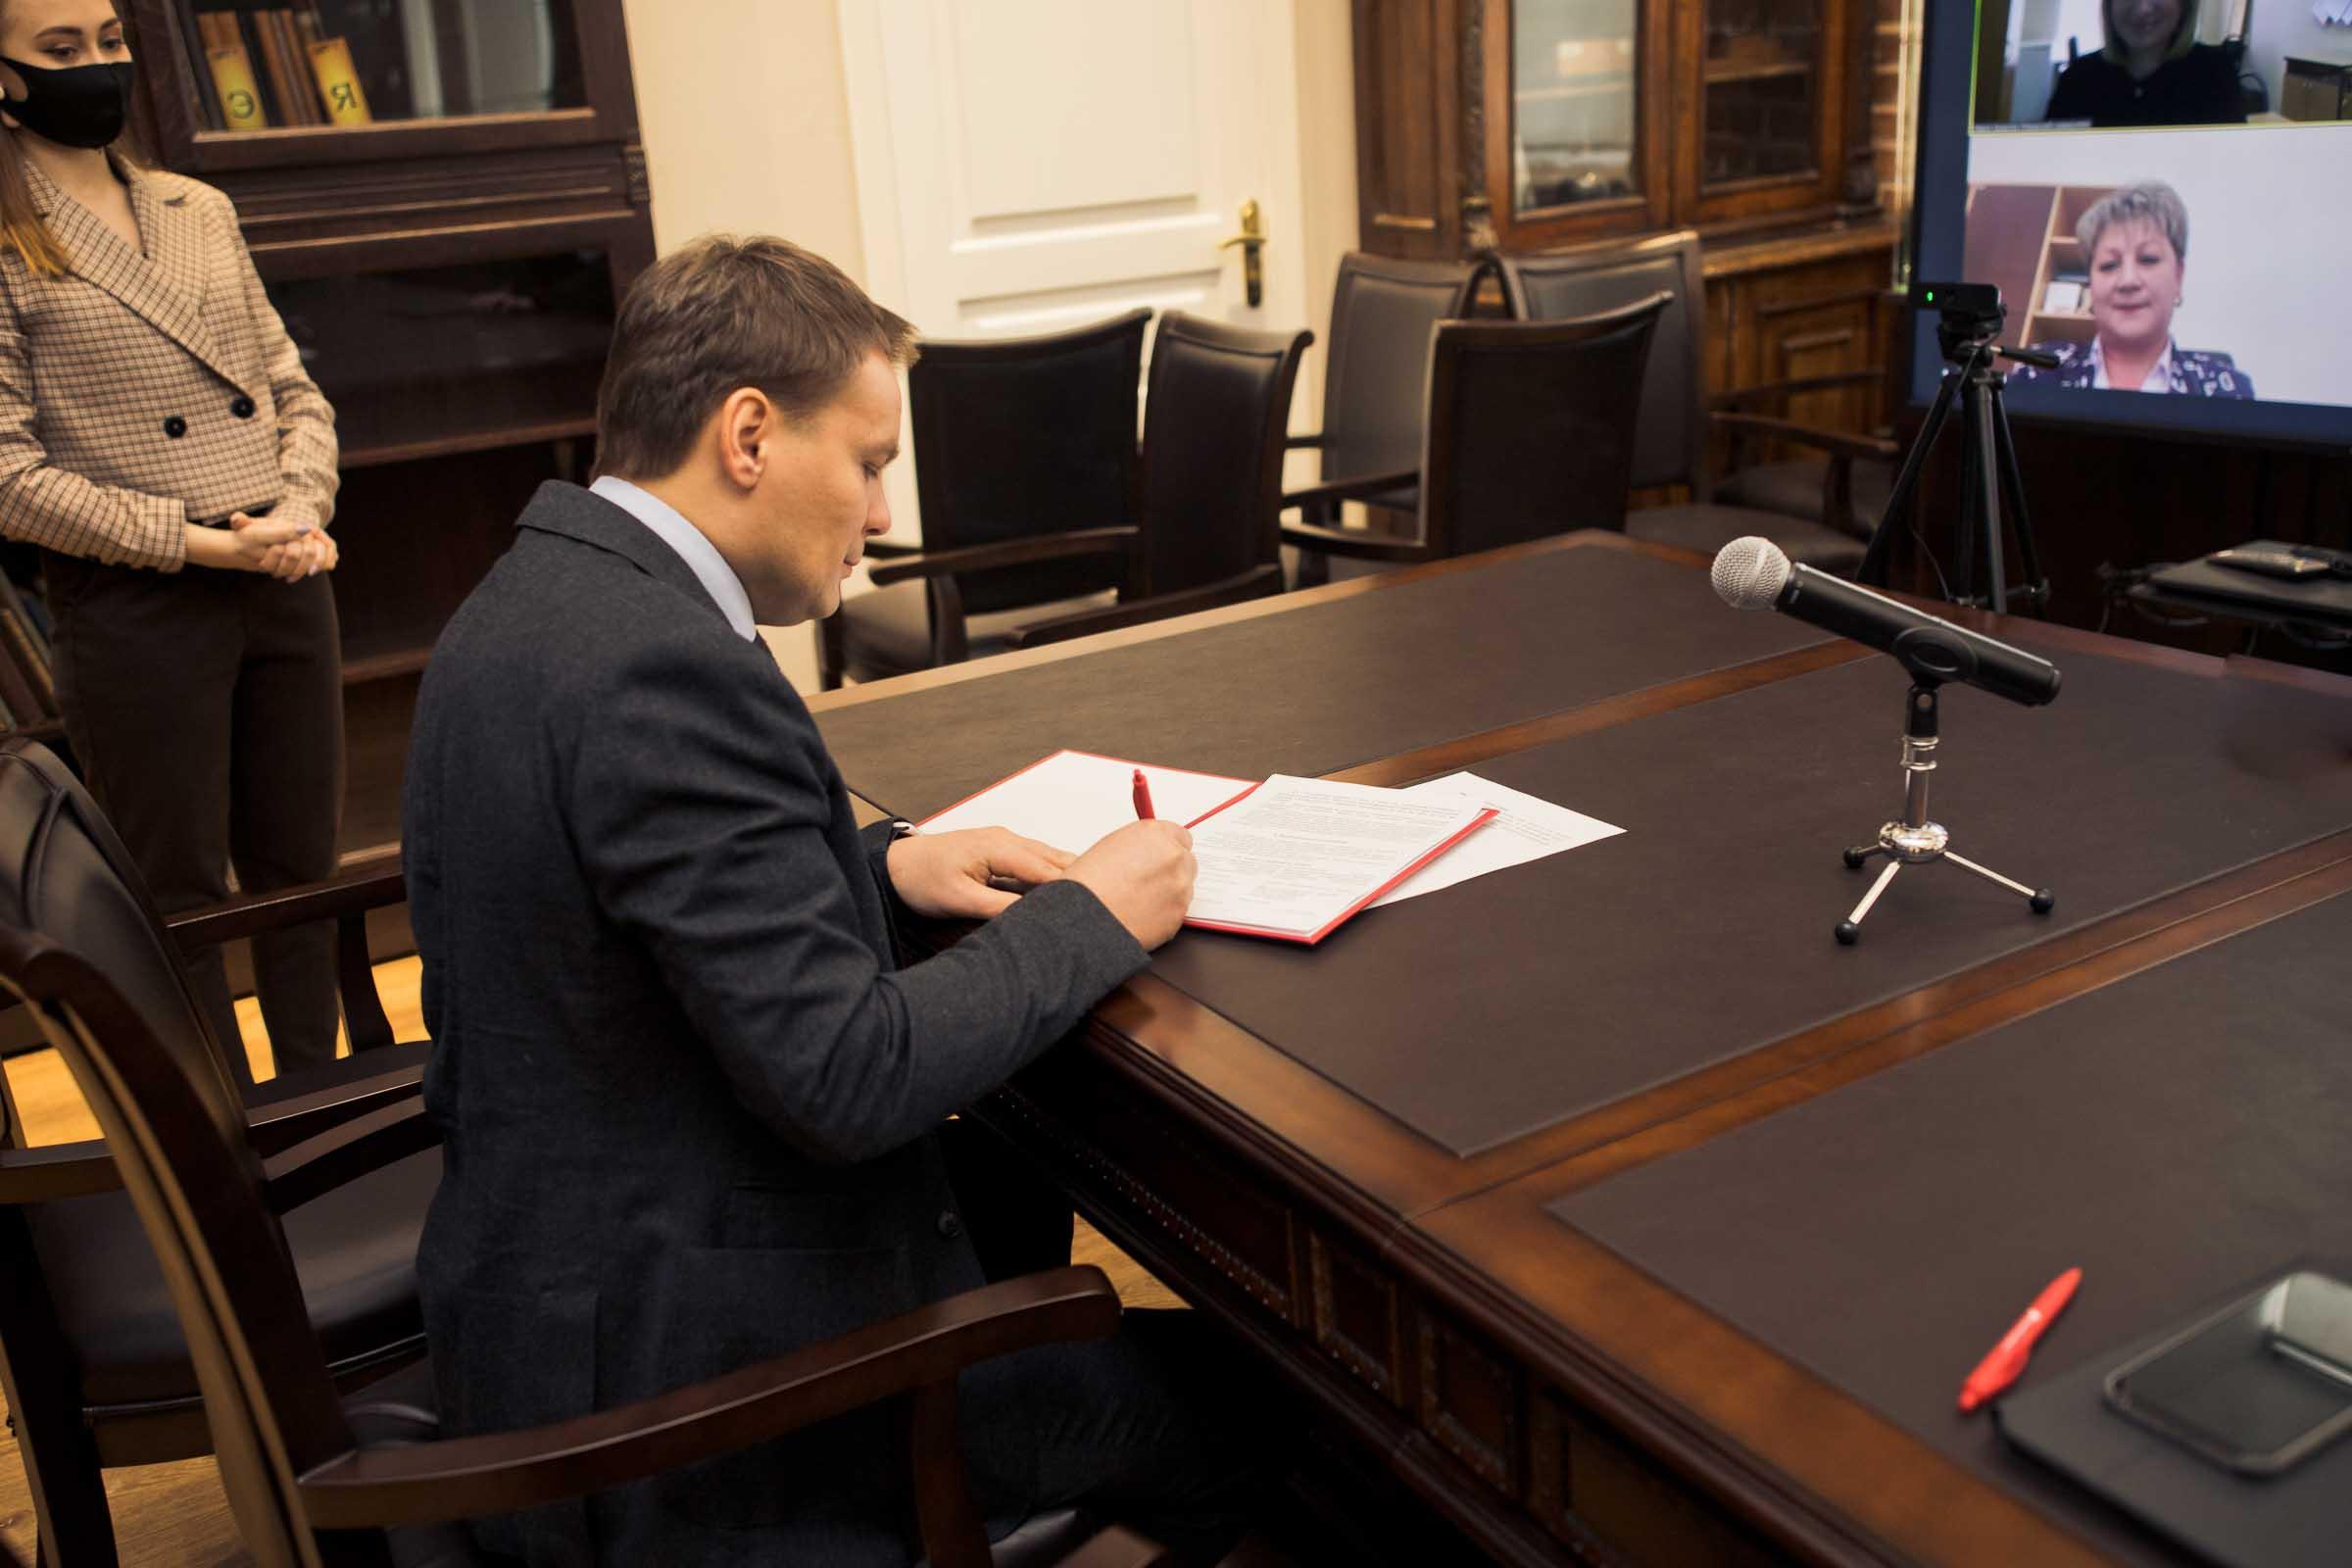 Мининский университет подписал соглашение с Северо-Осетинским государственным педагогическим институтом